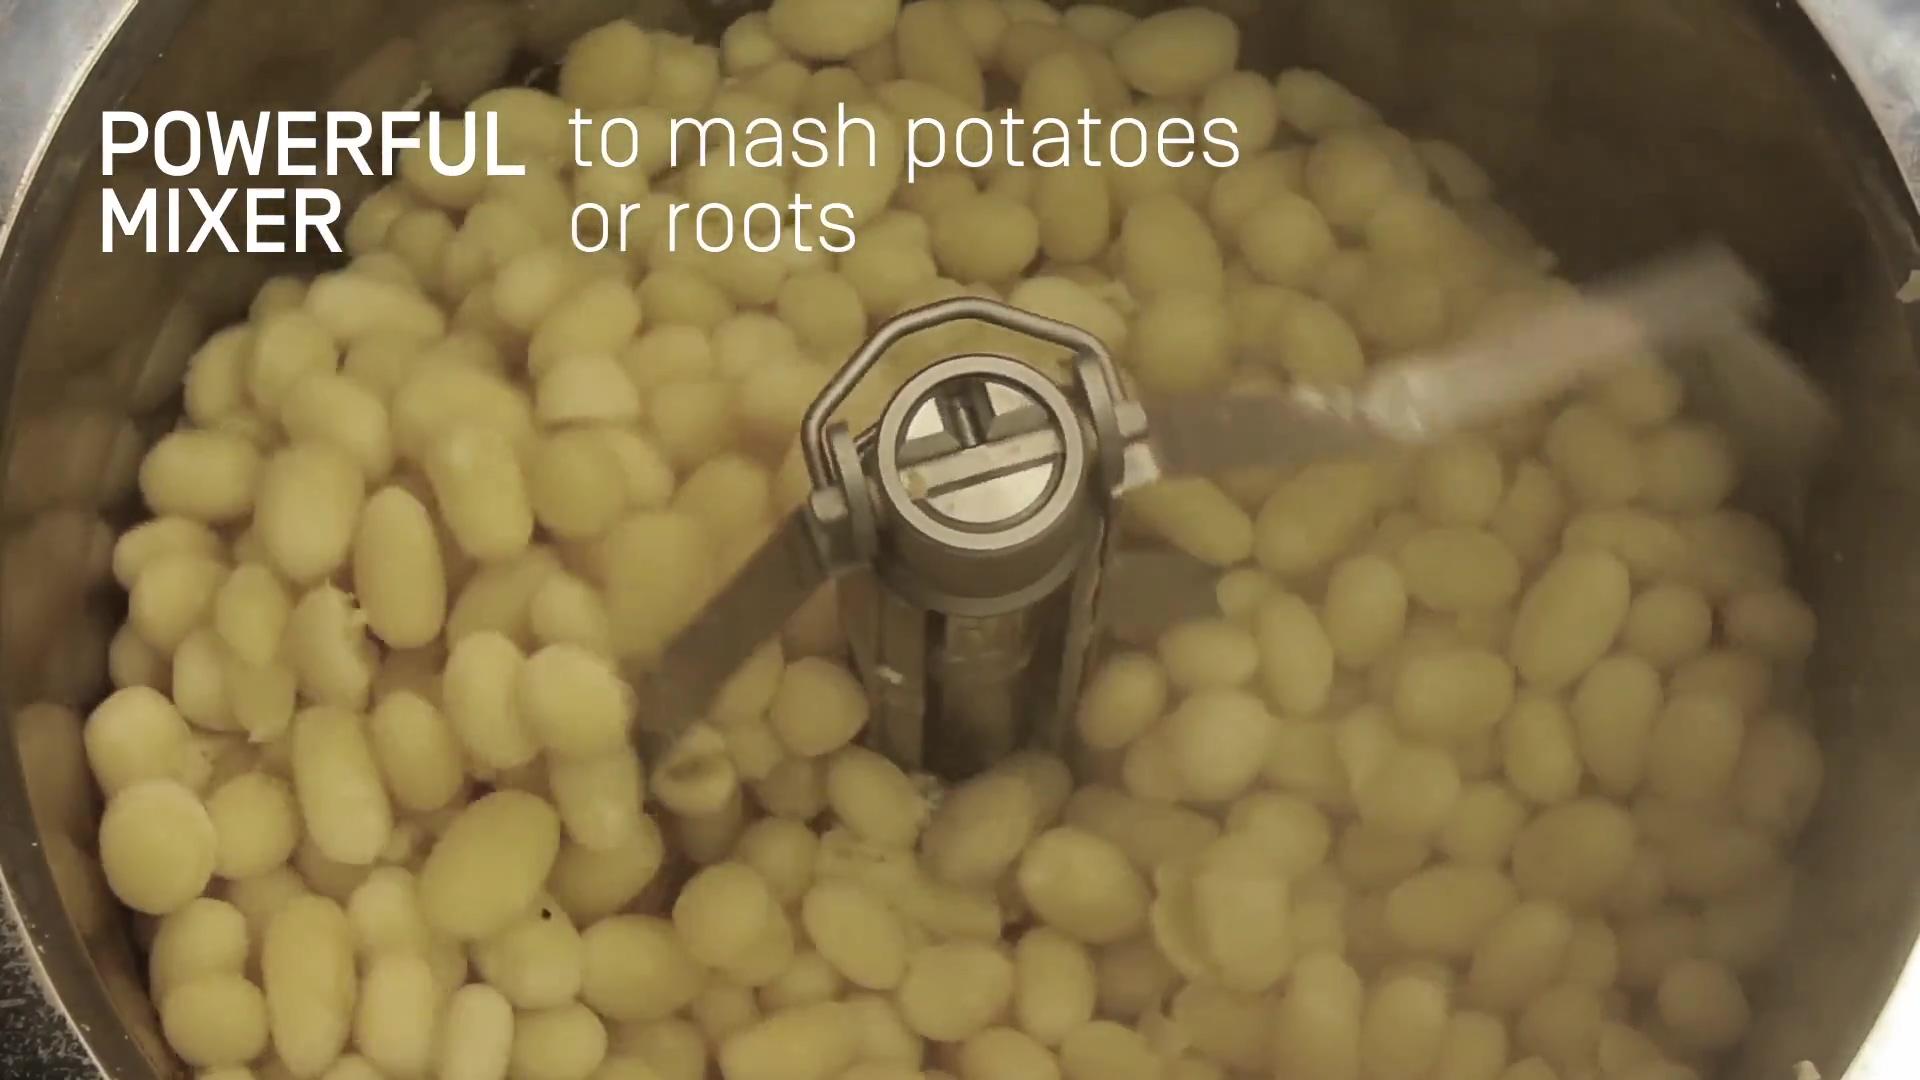 DIETA_mashed_potatoes